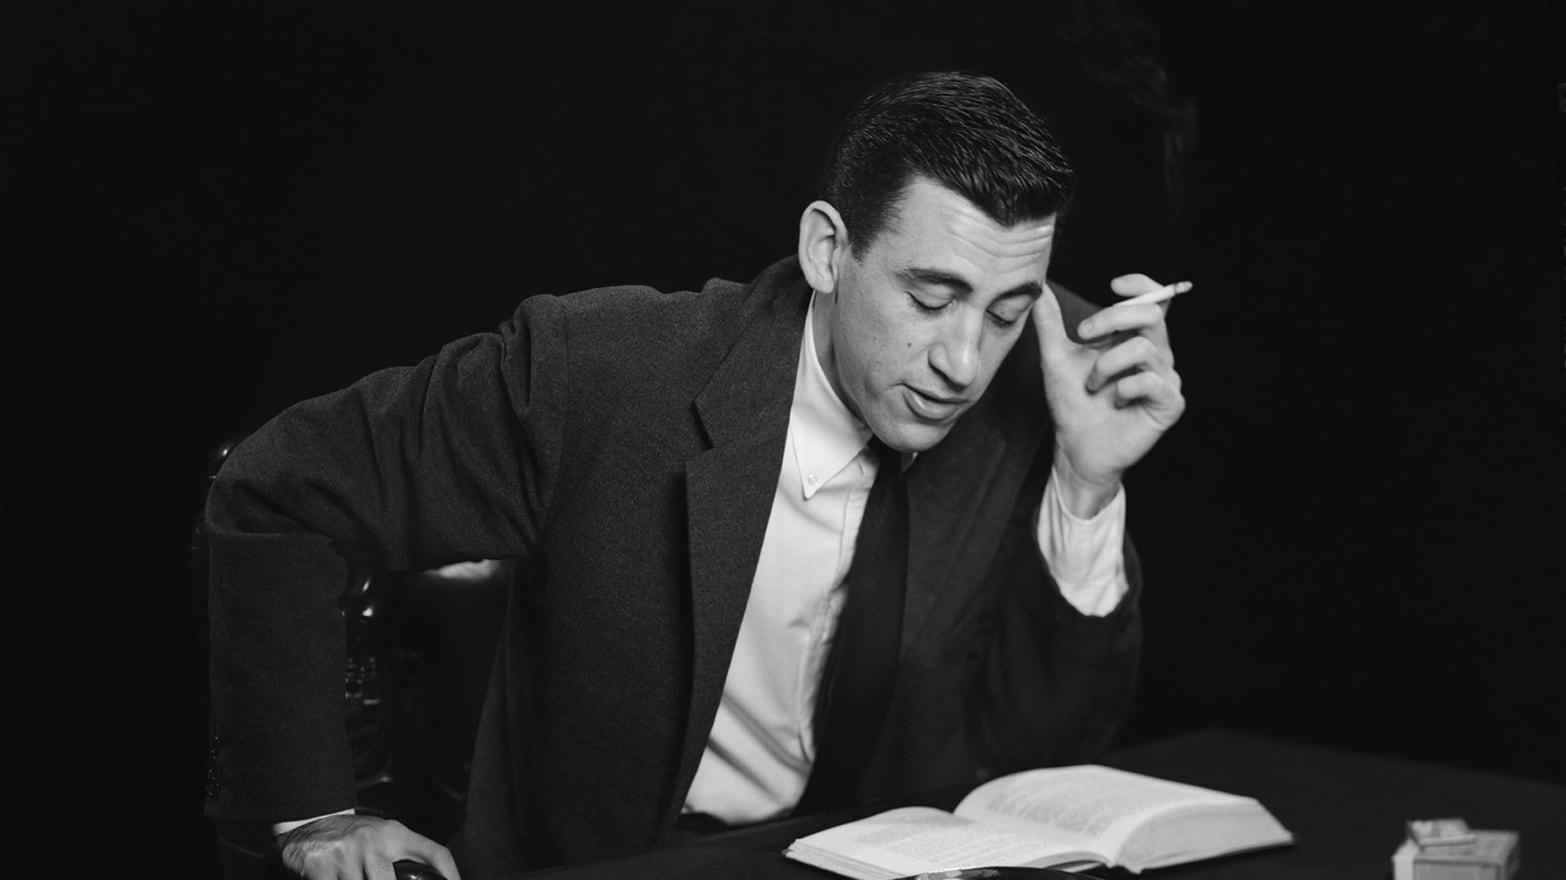 O escritor J.D. Salinger dá especial atenção a personagens jovens diante da sociedade de consumo.